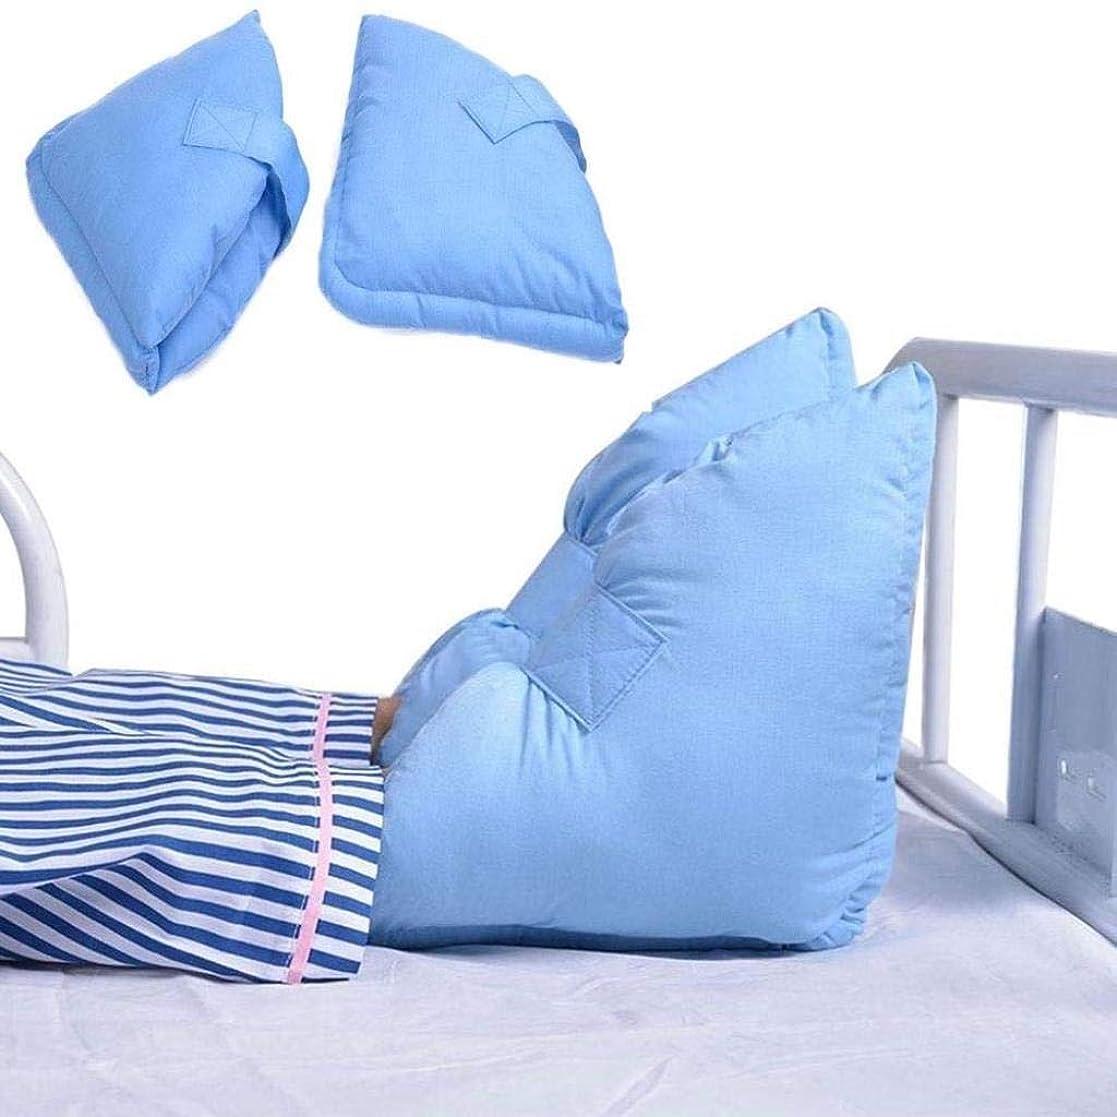 浅い限りなくブランデーTONGSH かかと足首足保護具、圧力緩和のためのポリエステル/綿カバー付き保護枕クッション、ワンサイズフィット、ほとんどの場合、ライトブルー、1ペア